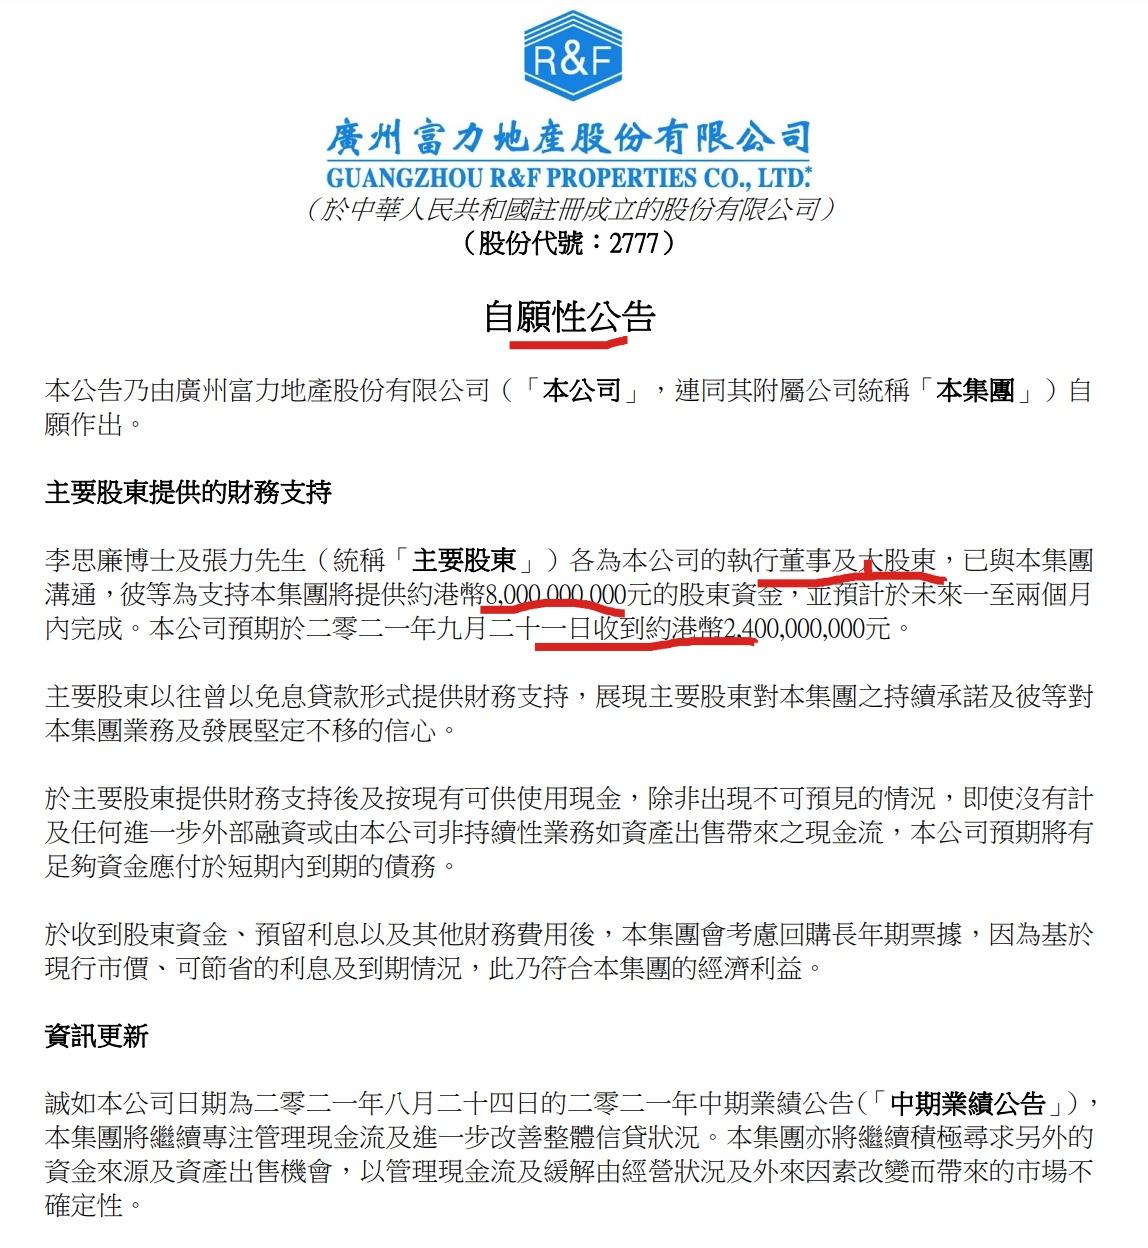 李思廉及张力拟向富力地产提供80亿港元支持资金